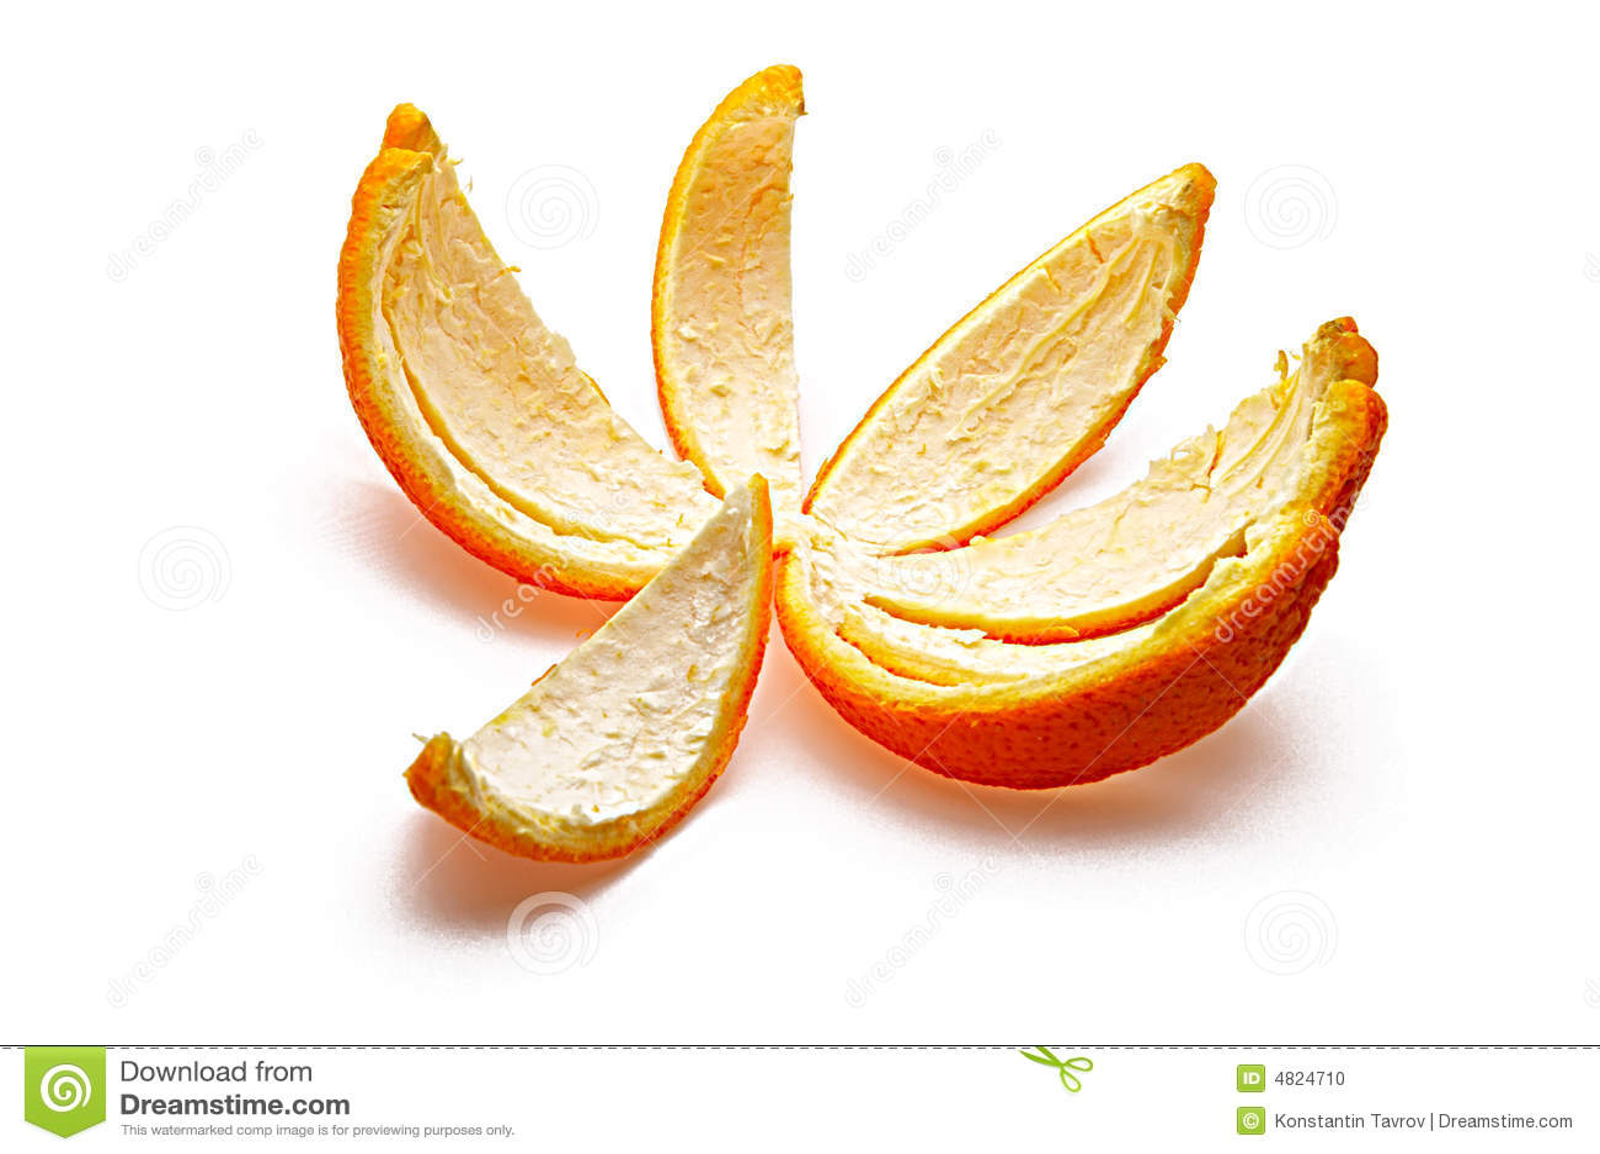 Orange rind isolated on white background.